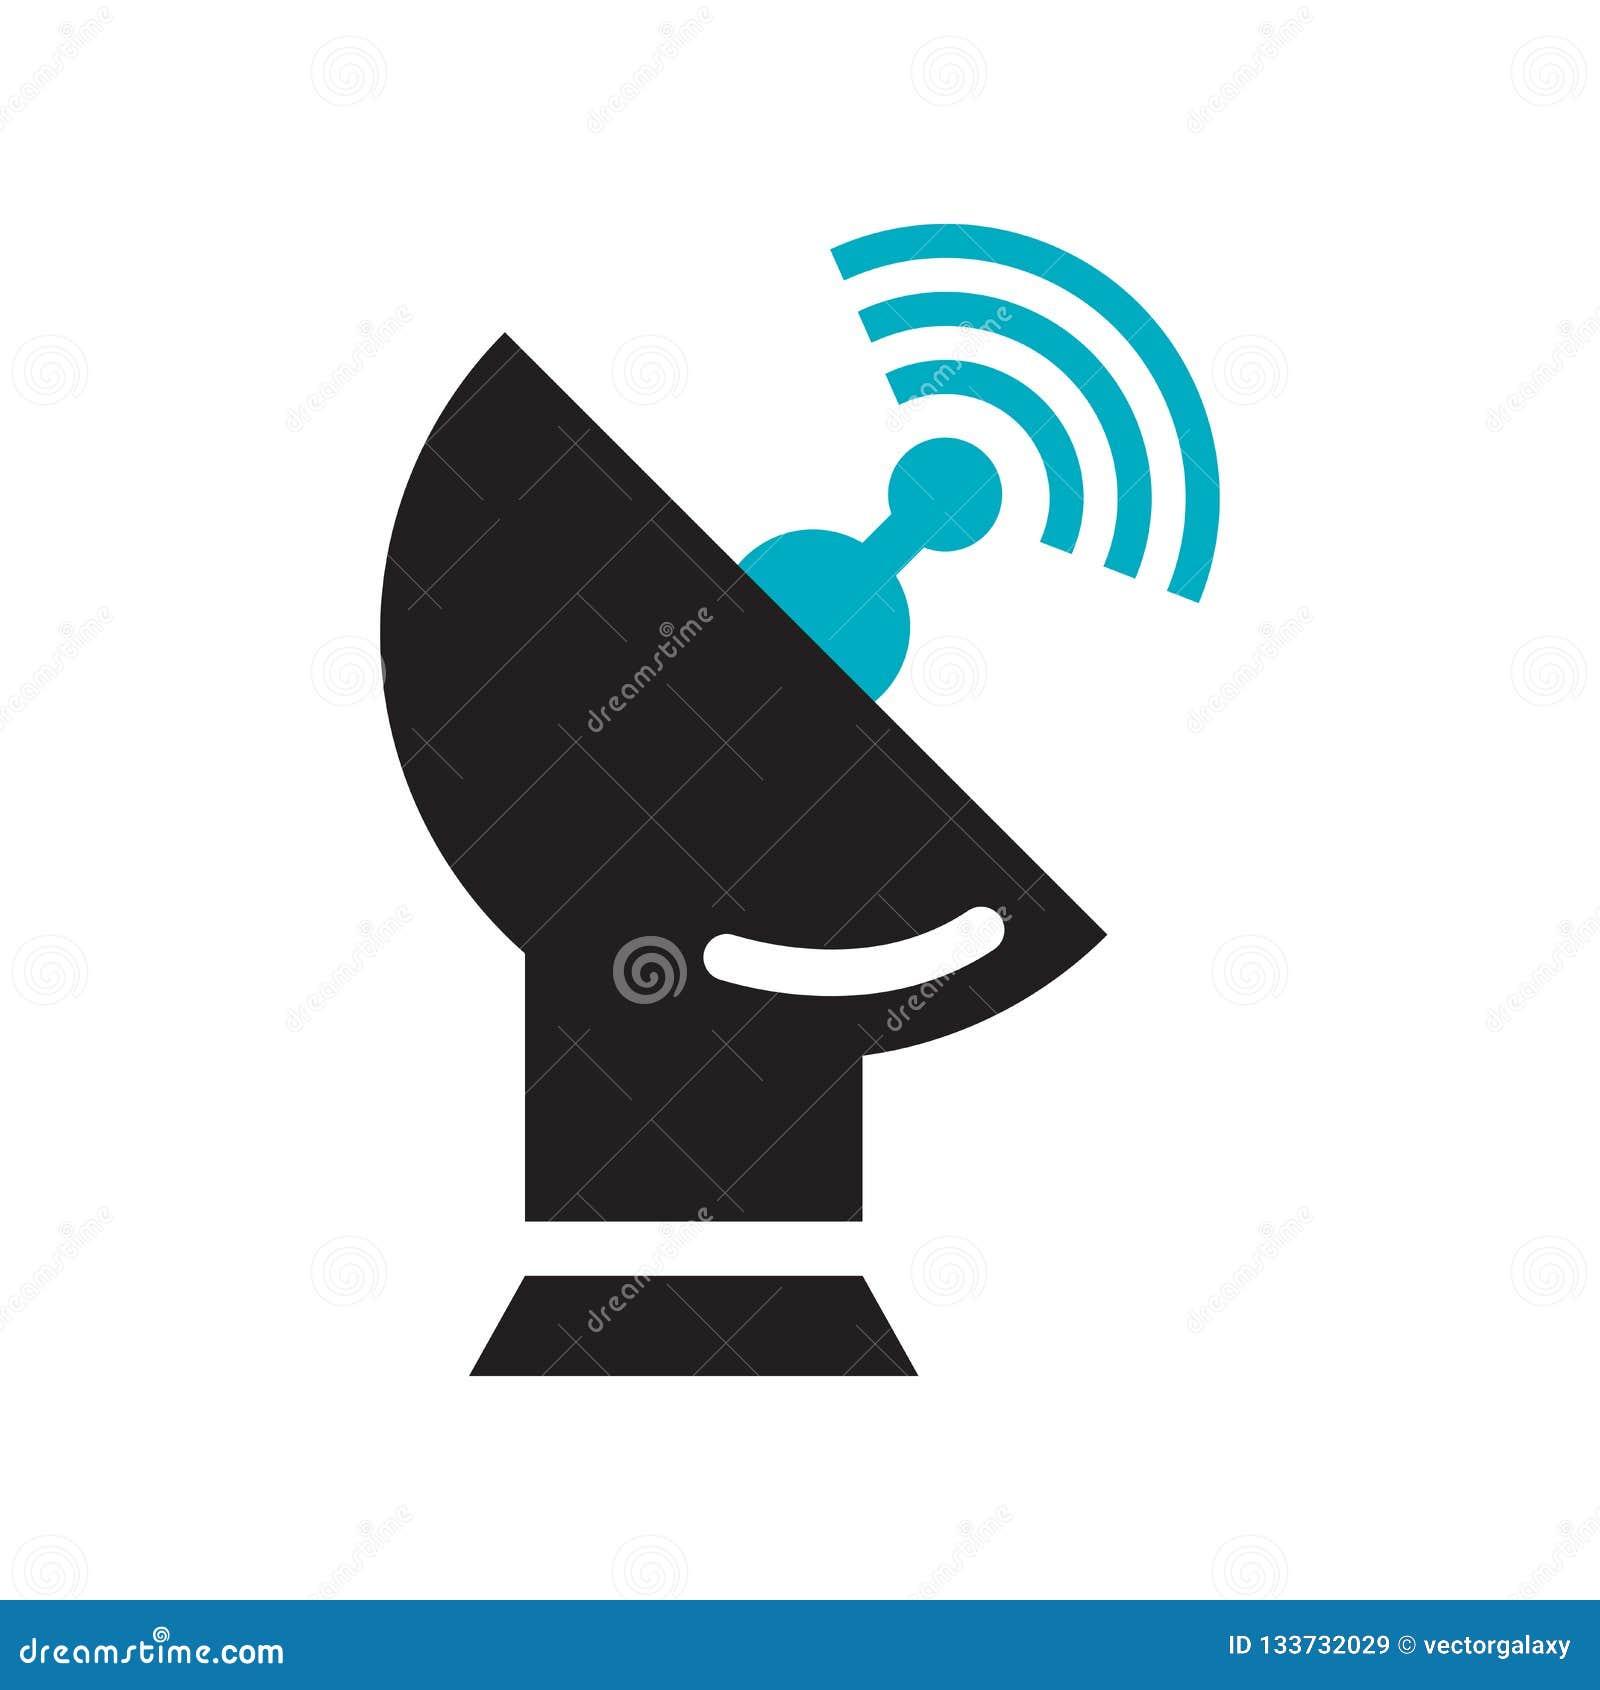 Δορυφορικά σημάδι και σύμβολο εικονιδίων κεραιών διανυσματικά που απομονώνονται στο άσπρο υπόβαθρο, δορυφορική έννοια λογότυπων κ